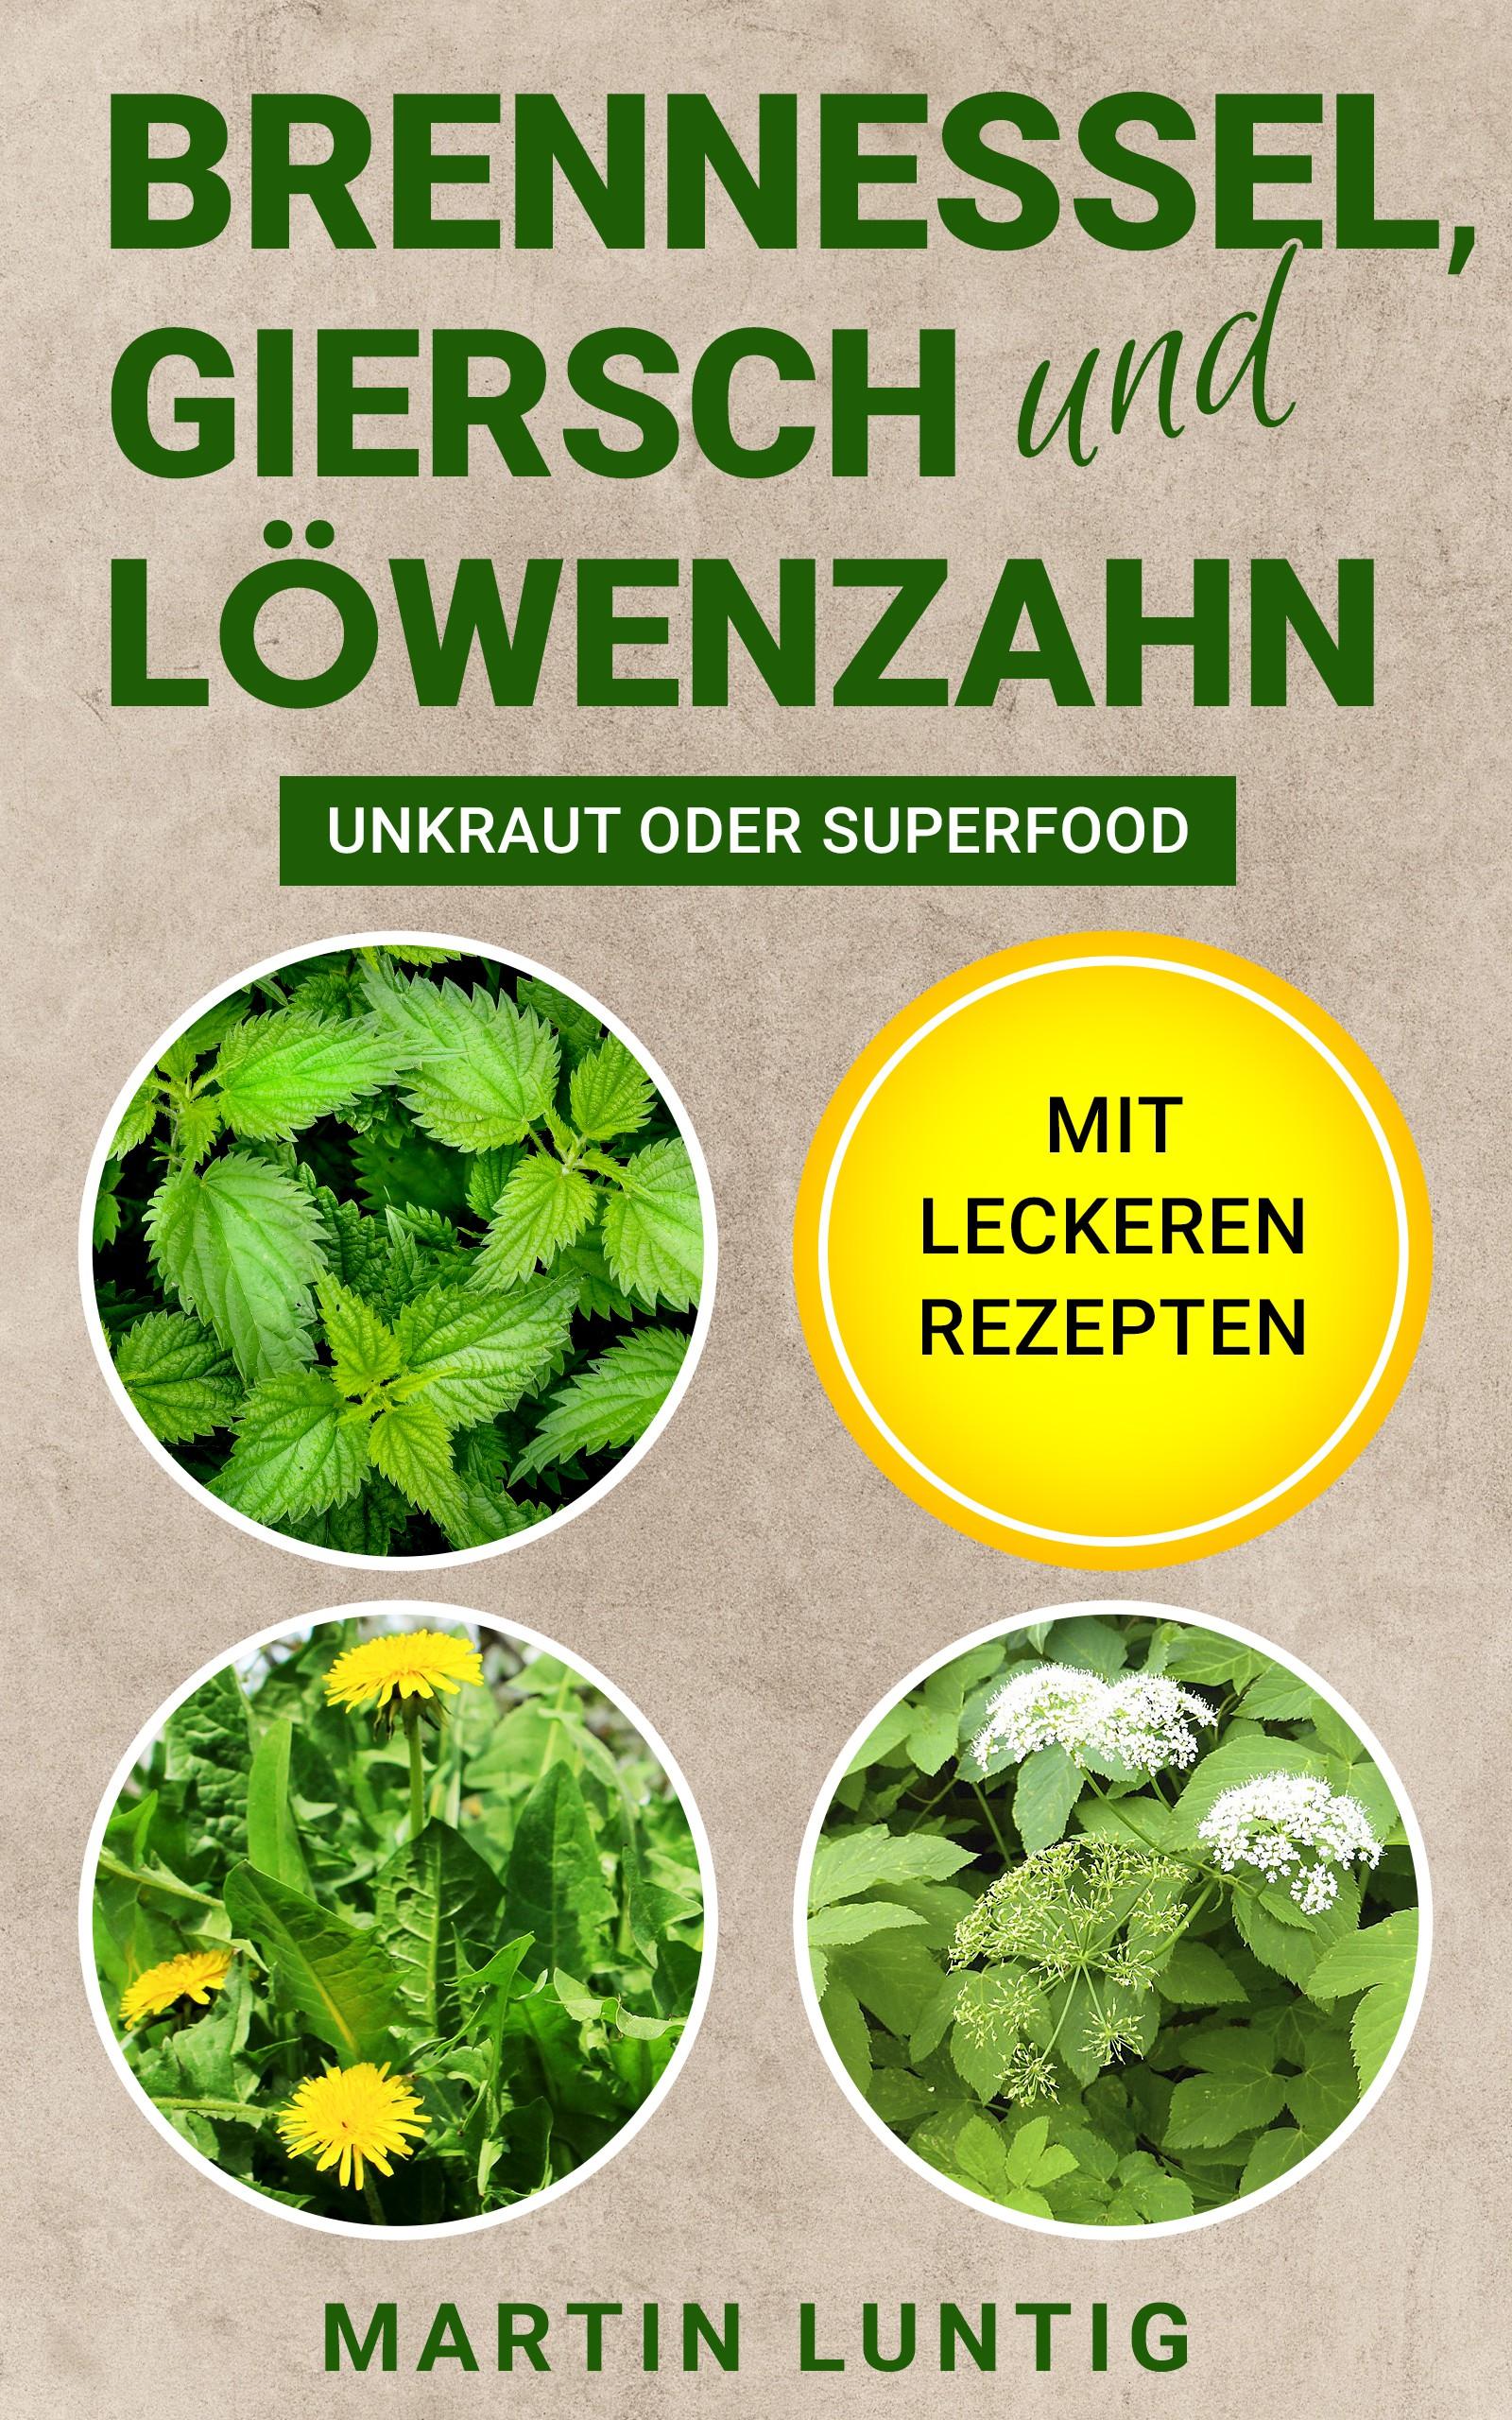 Gestalte ein eBook-Cover für mein Gartenkräuterkochbuch (Brennesel, Giersch und Löwenzahn)